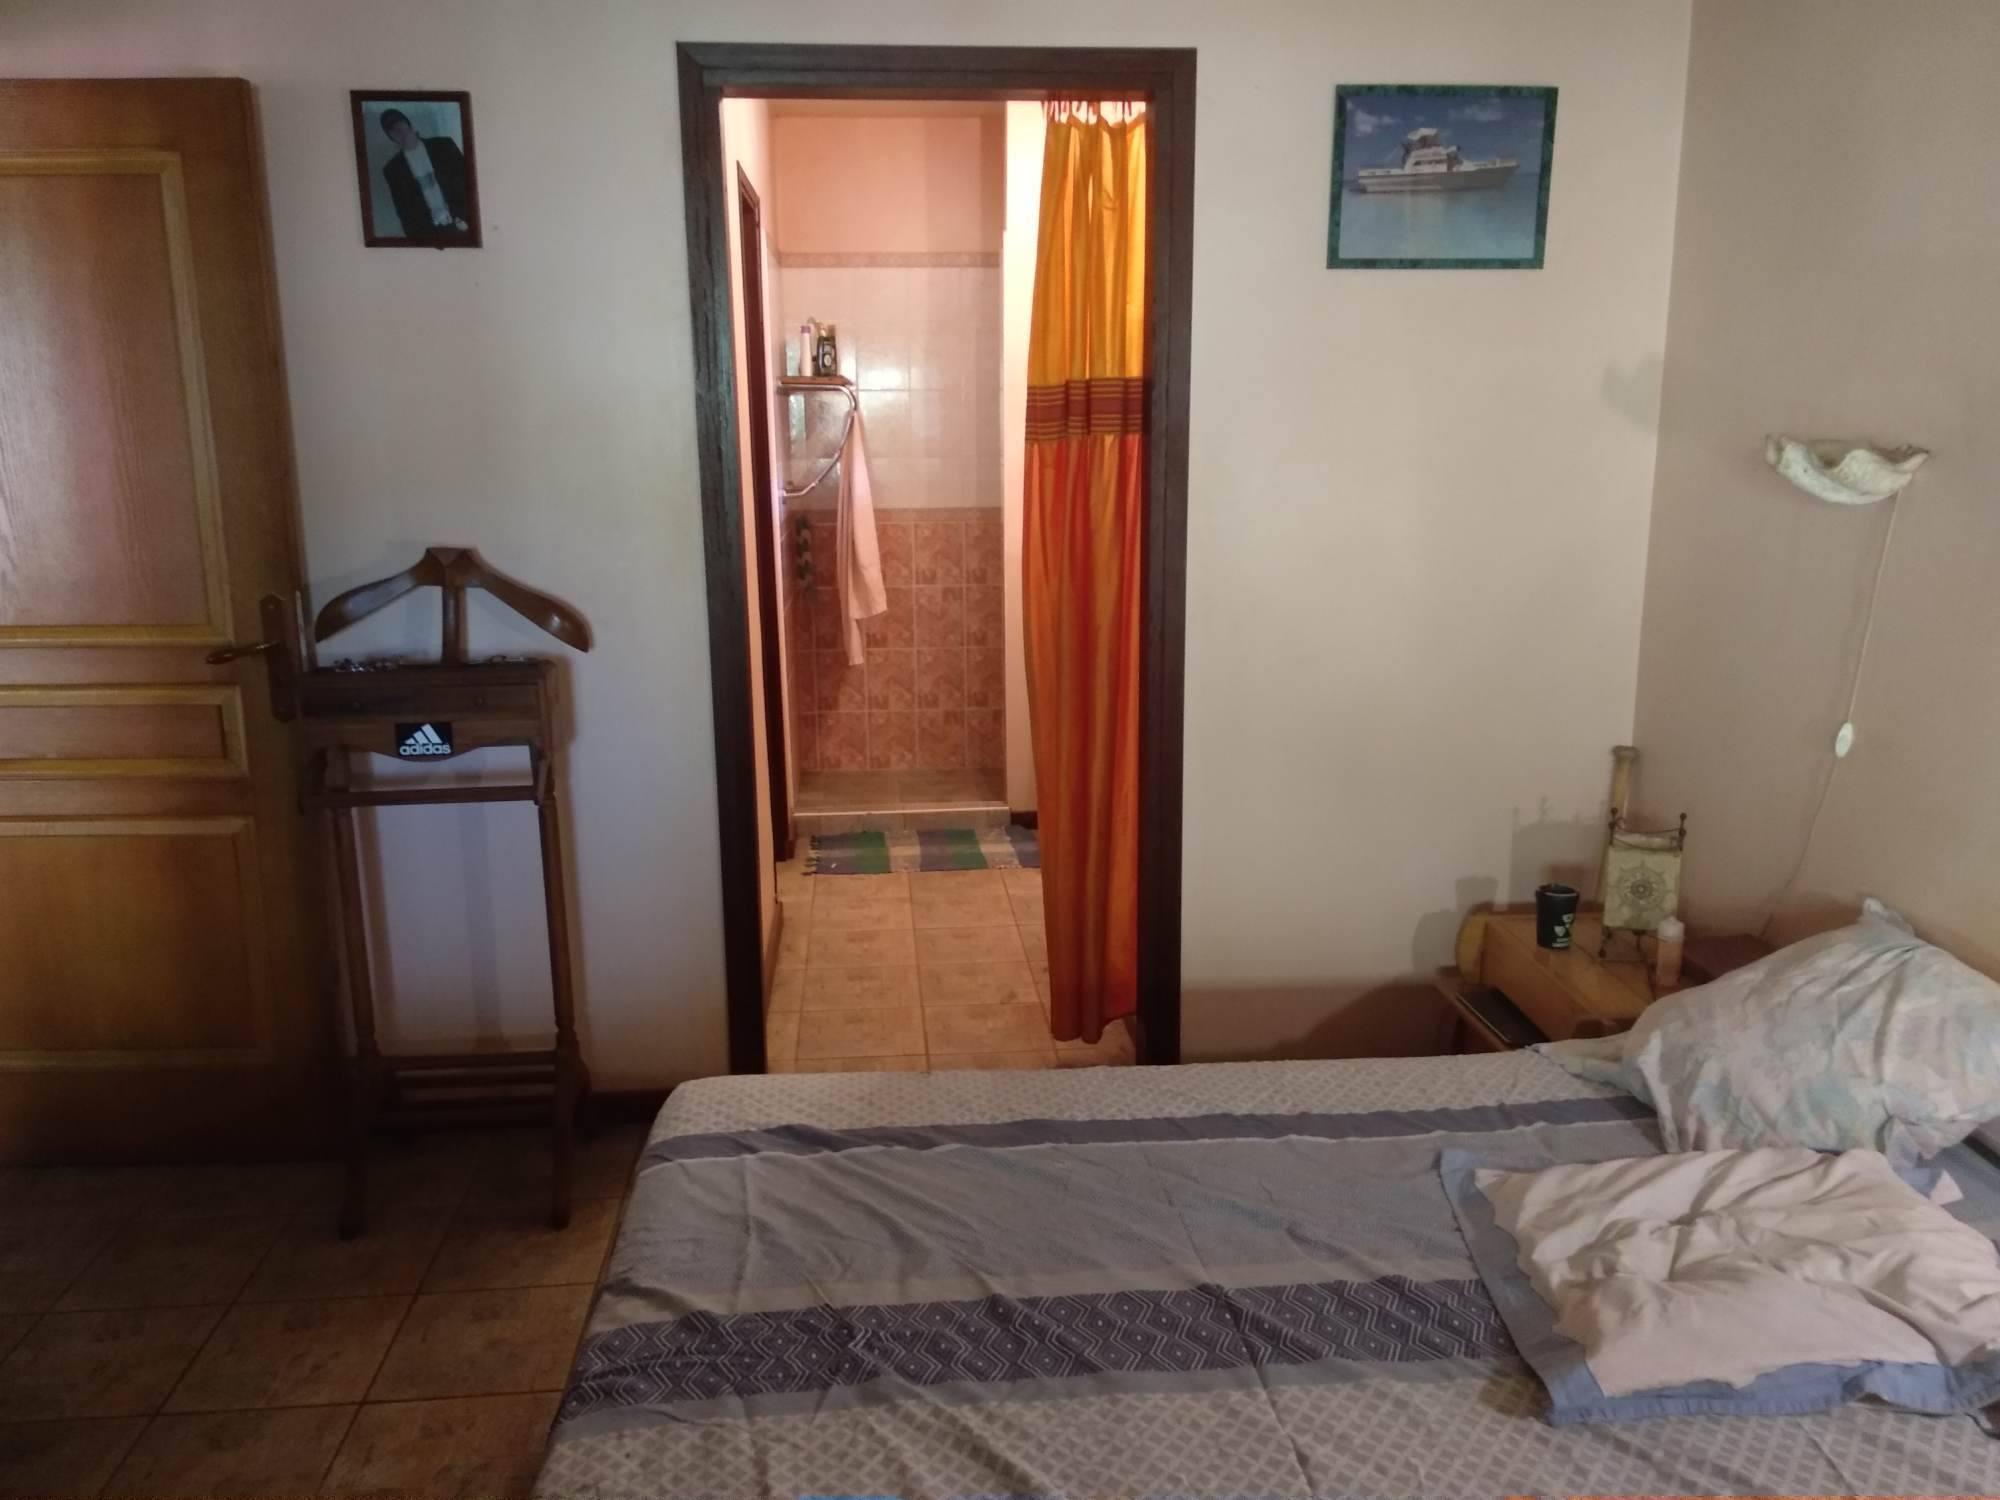 Chambre principale avec salle d'eau et dressing